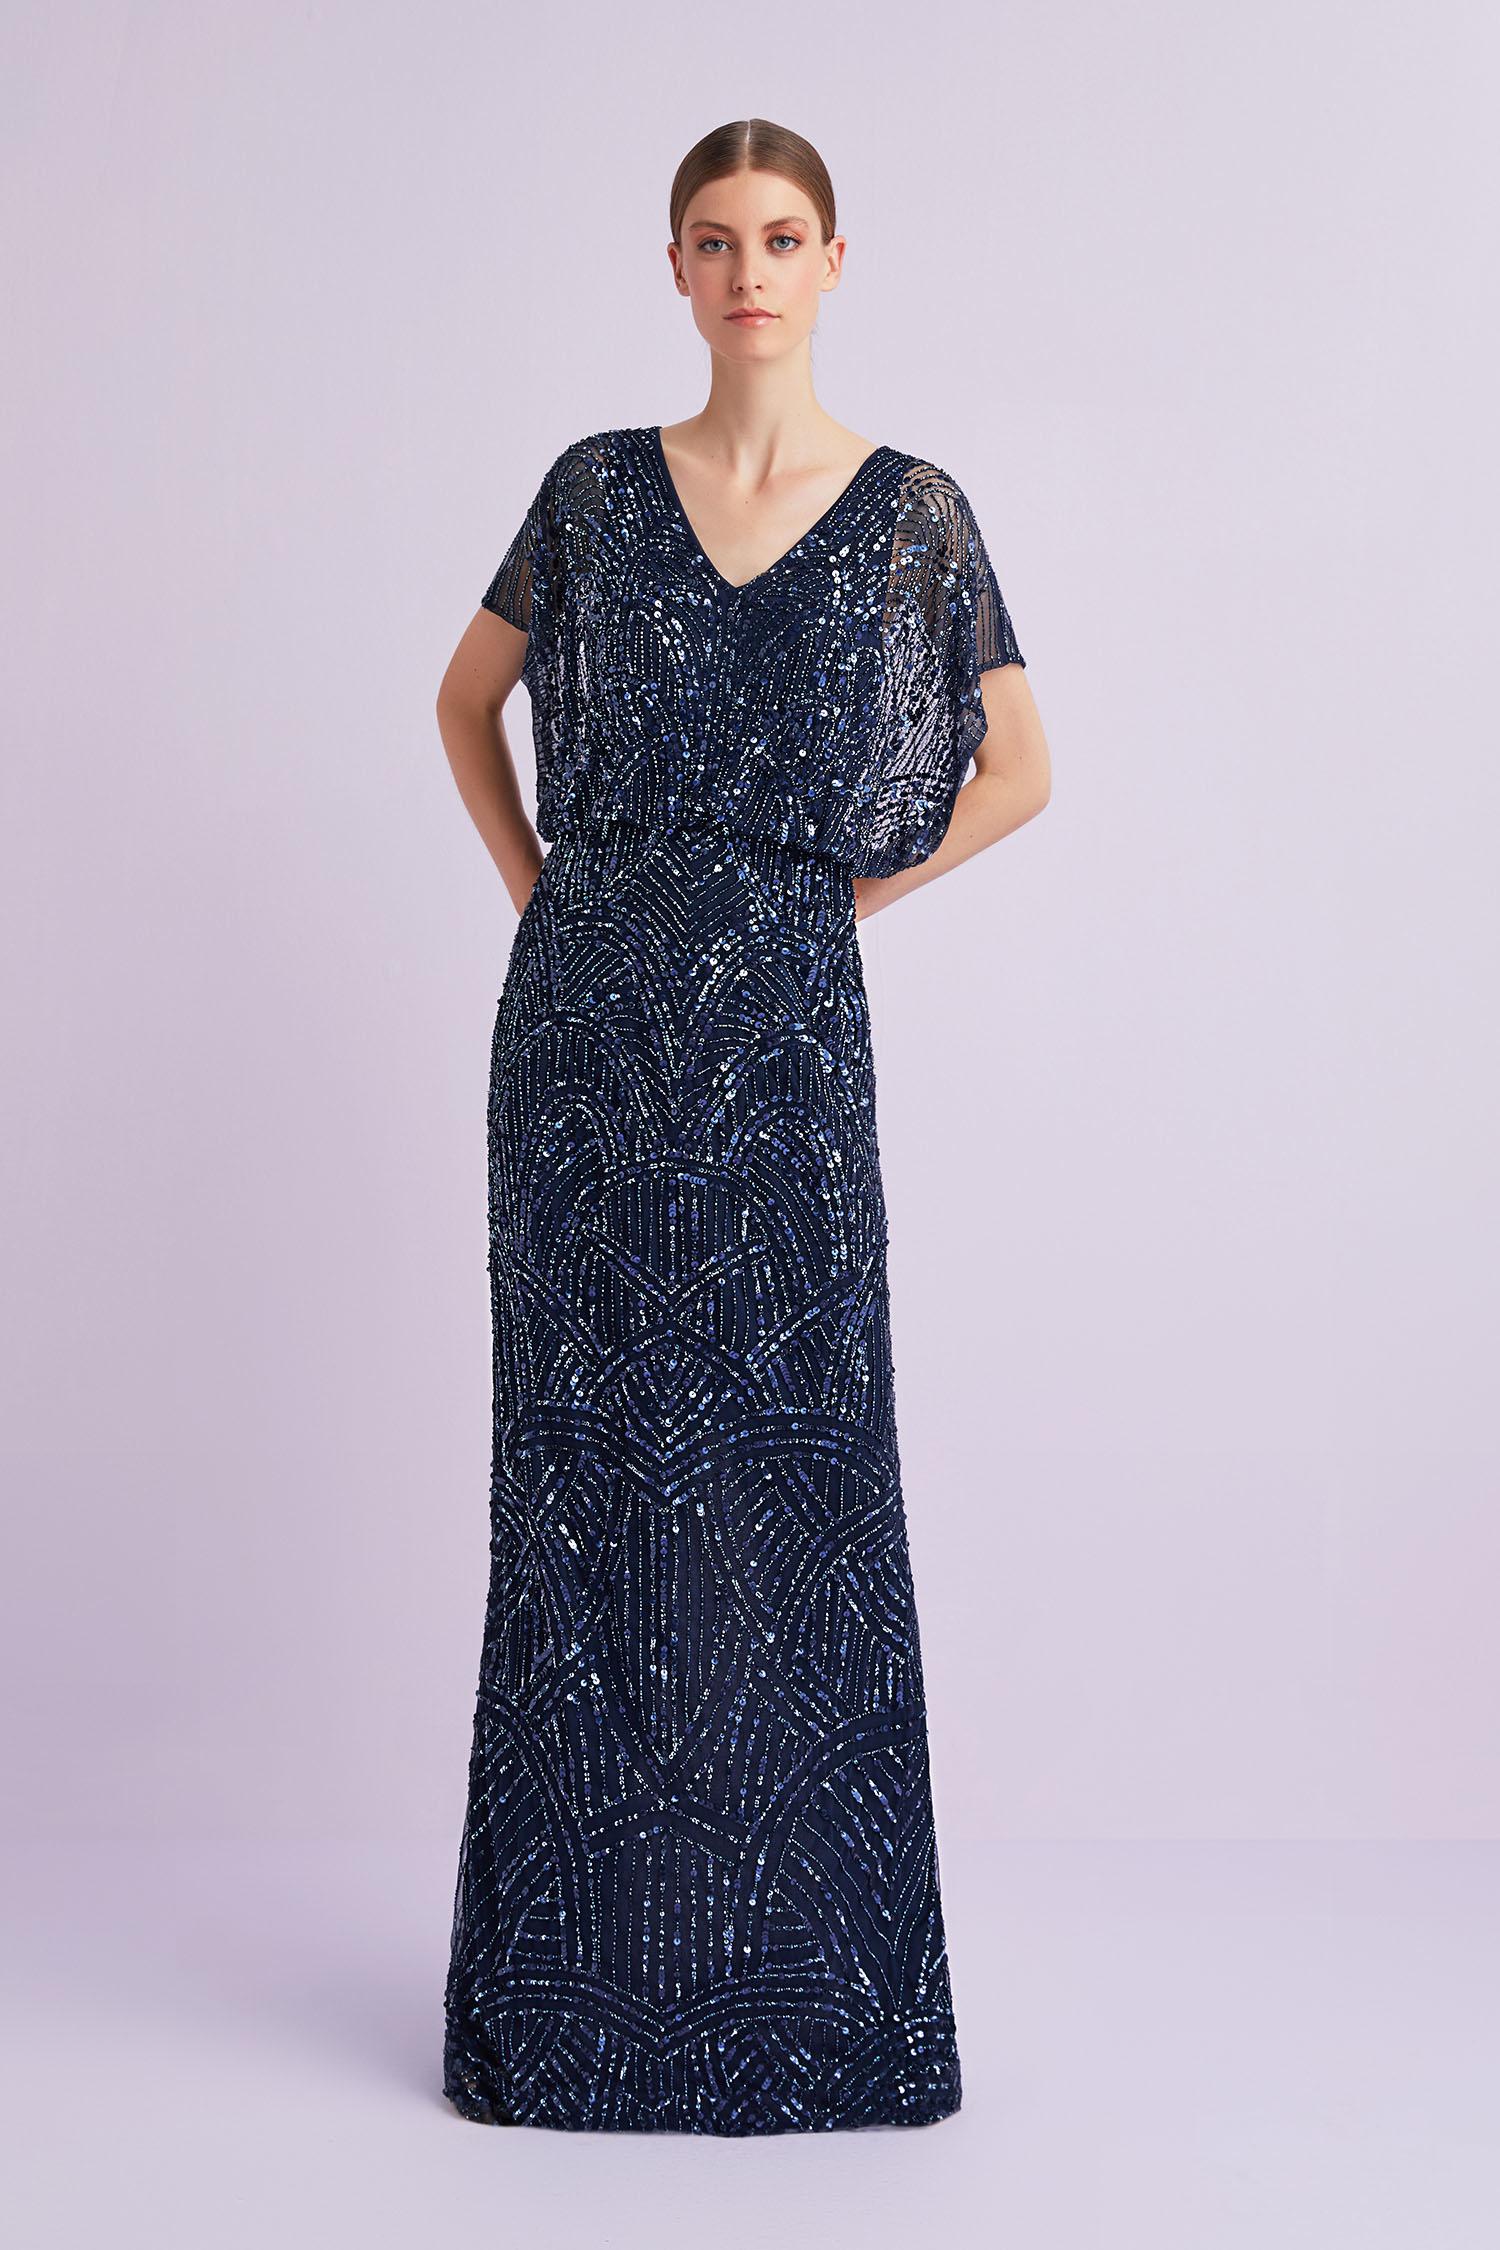 Lacivert Kısa Kollu Payet İşlemeli Uzun Abiye Elbise - Thumbnail